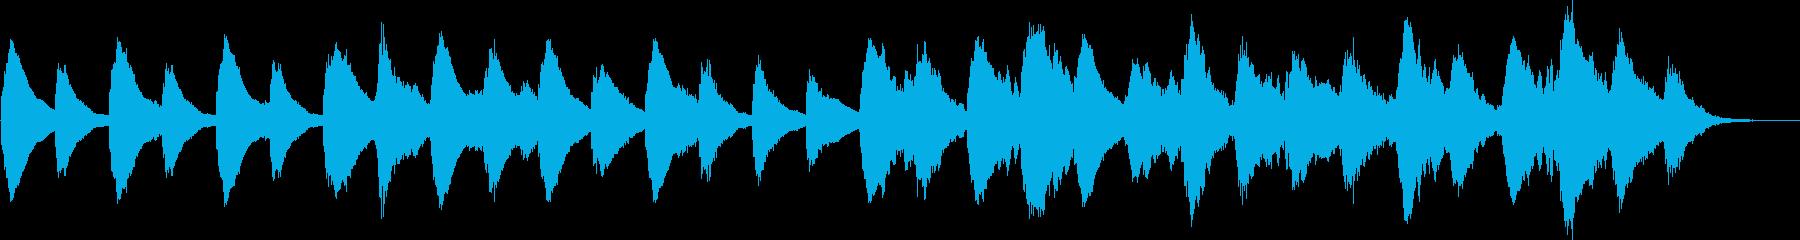 不安を掻き立てるホラーアンビエントの再生済みの波形